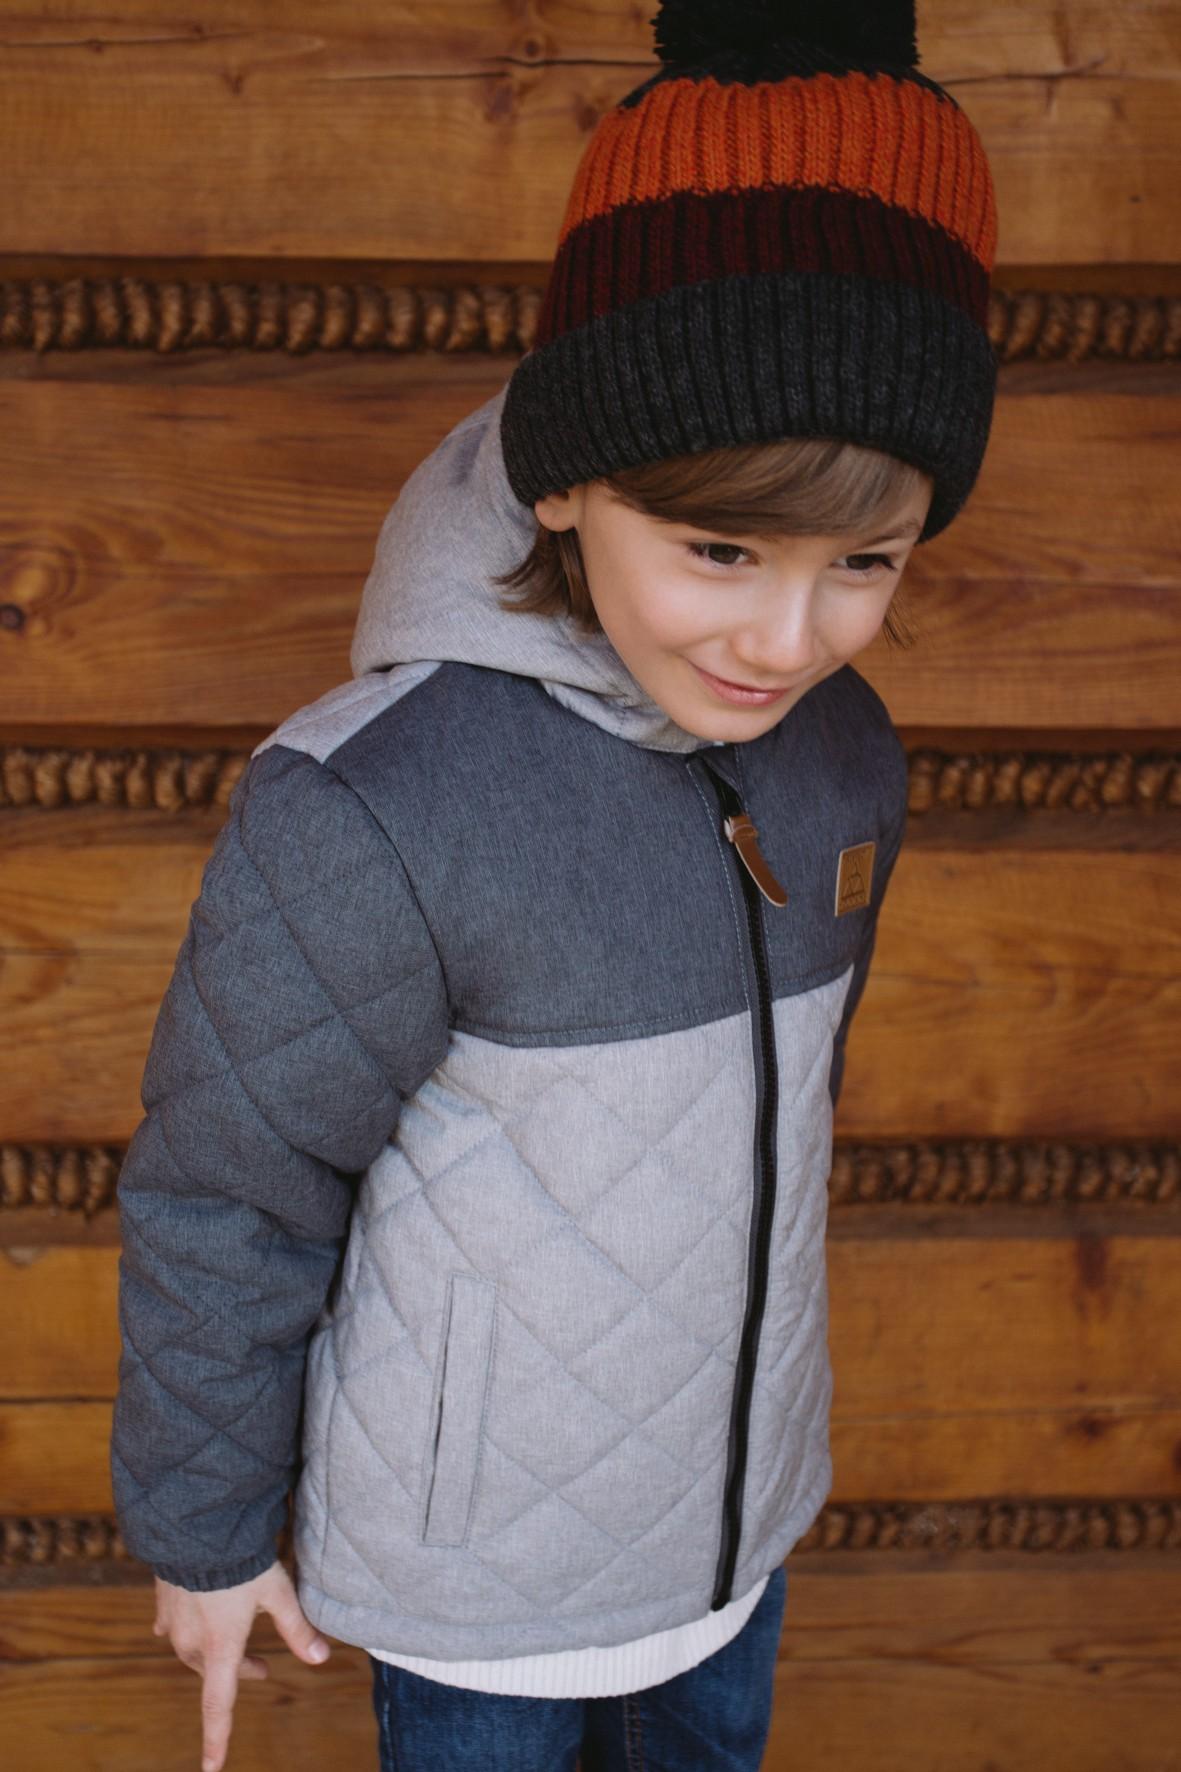 Kurtka chłopięca zimowa szara - pikowana z elementami odblaskowymi